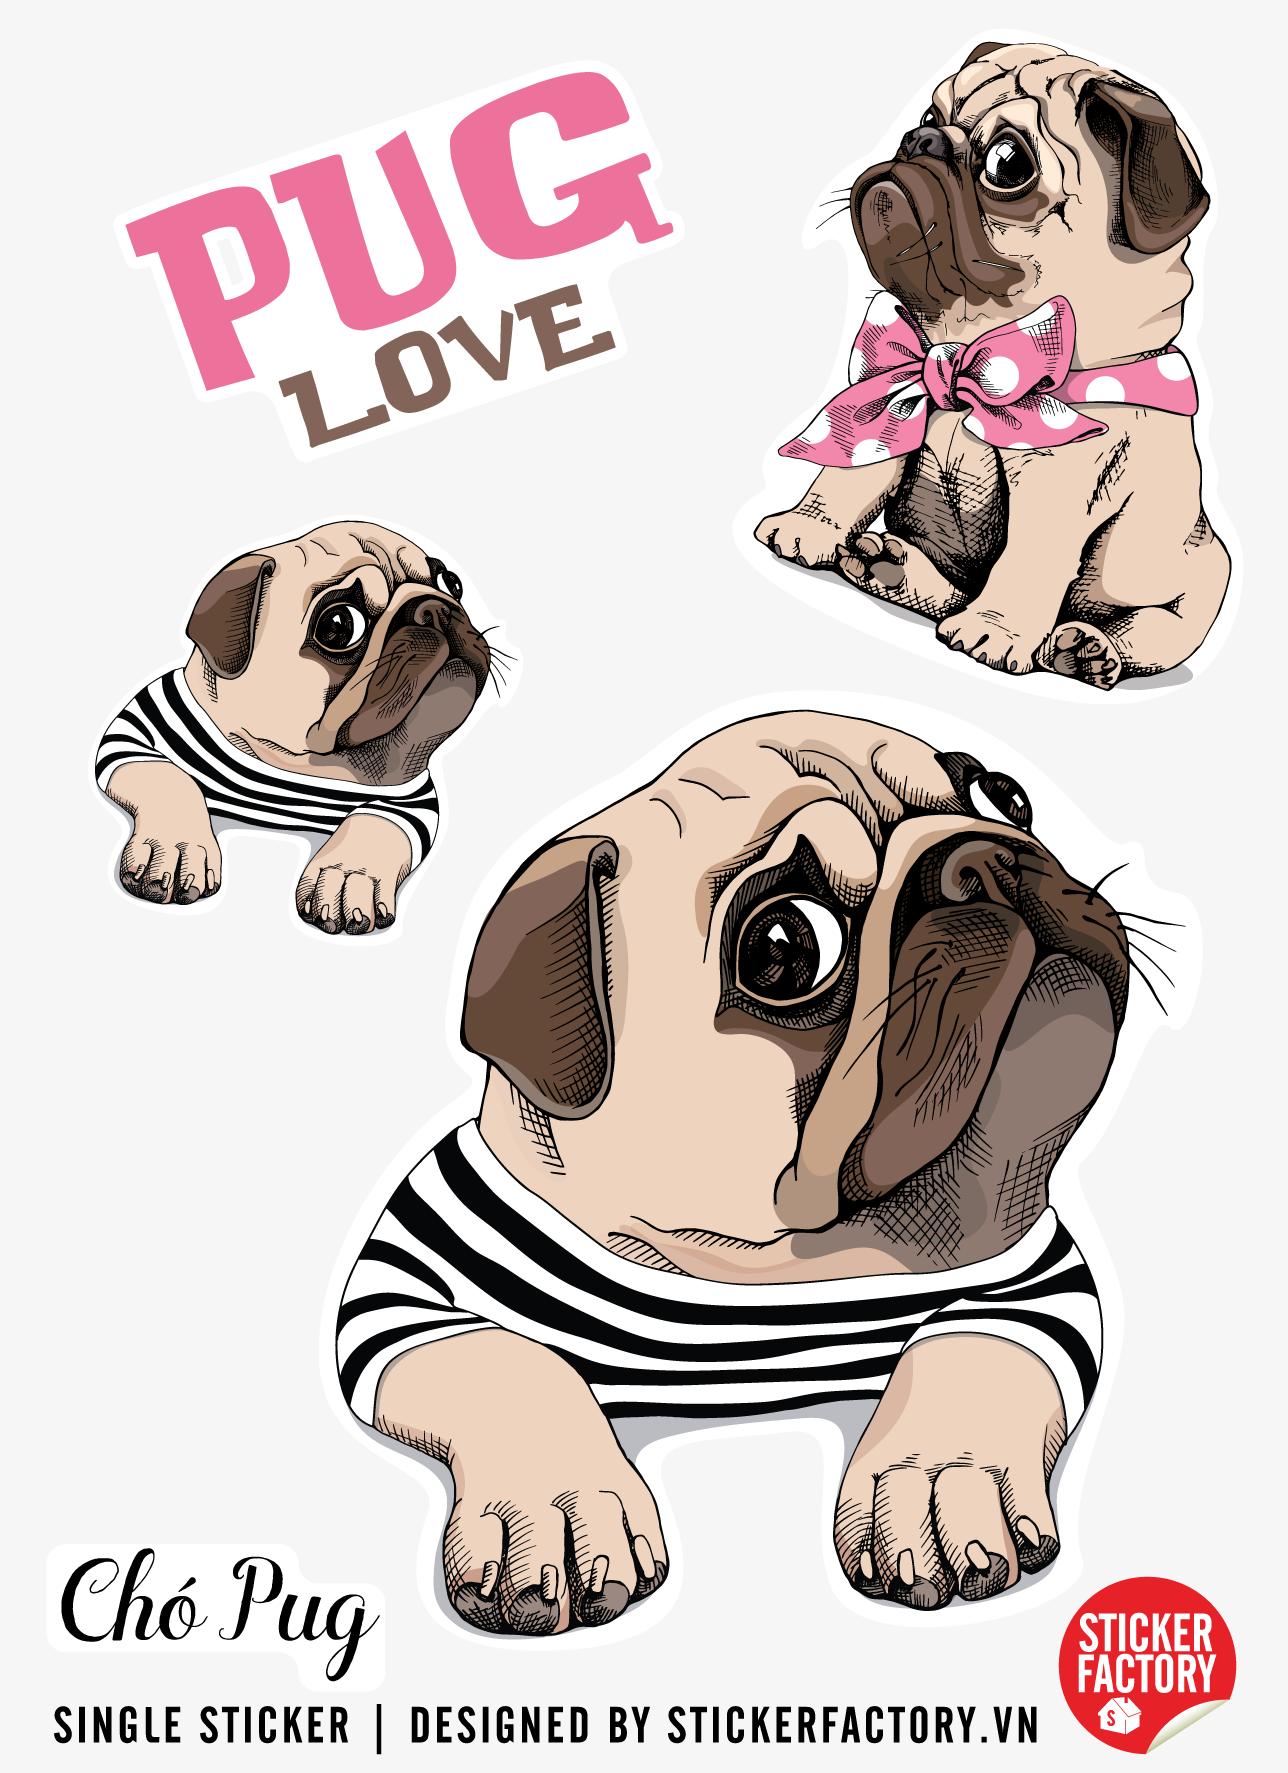 Chó Pug - Single Sticker hình dán lẻ